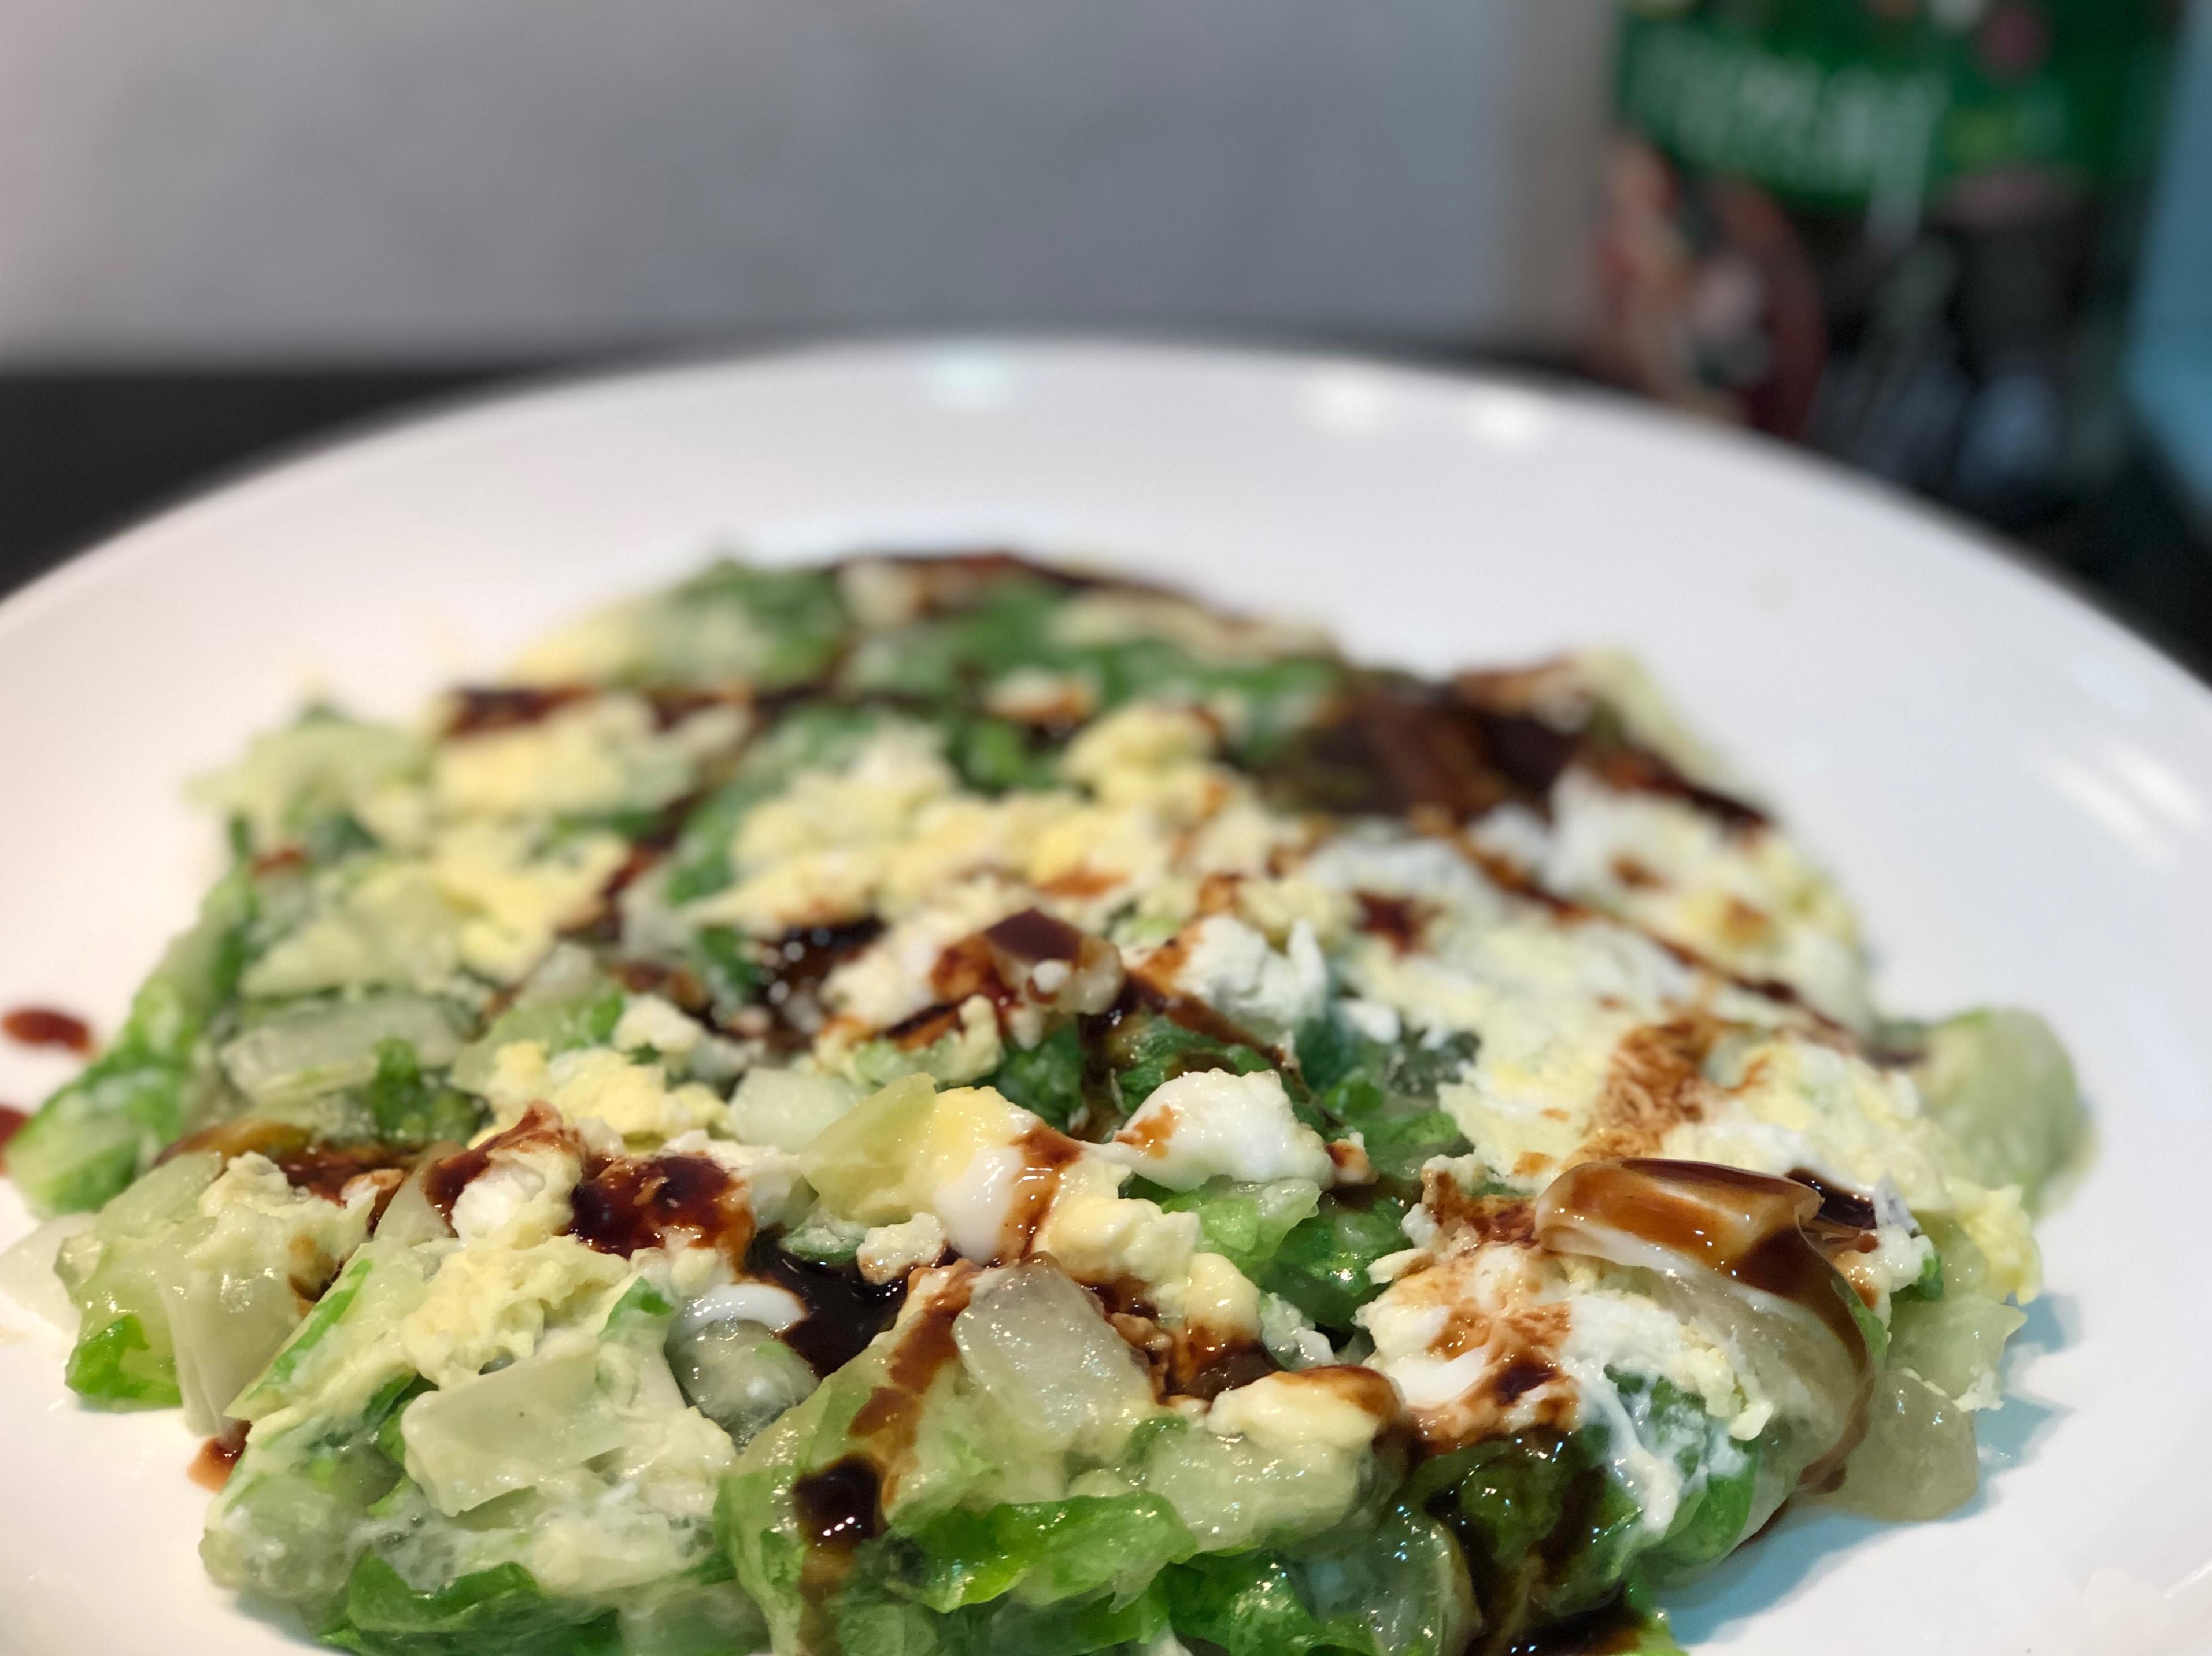 小白菜雞蛋煎/自然鮮香菇風味調味料